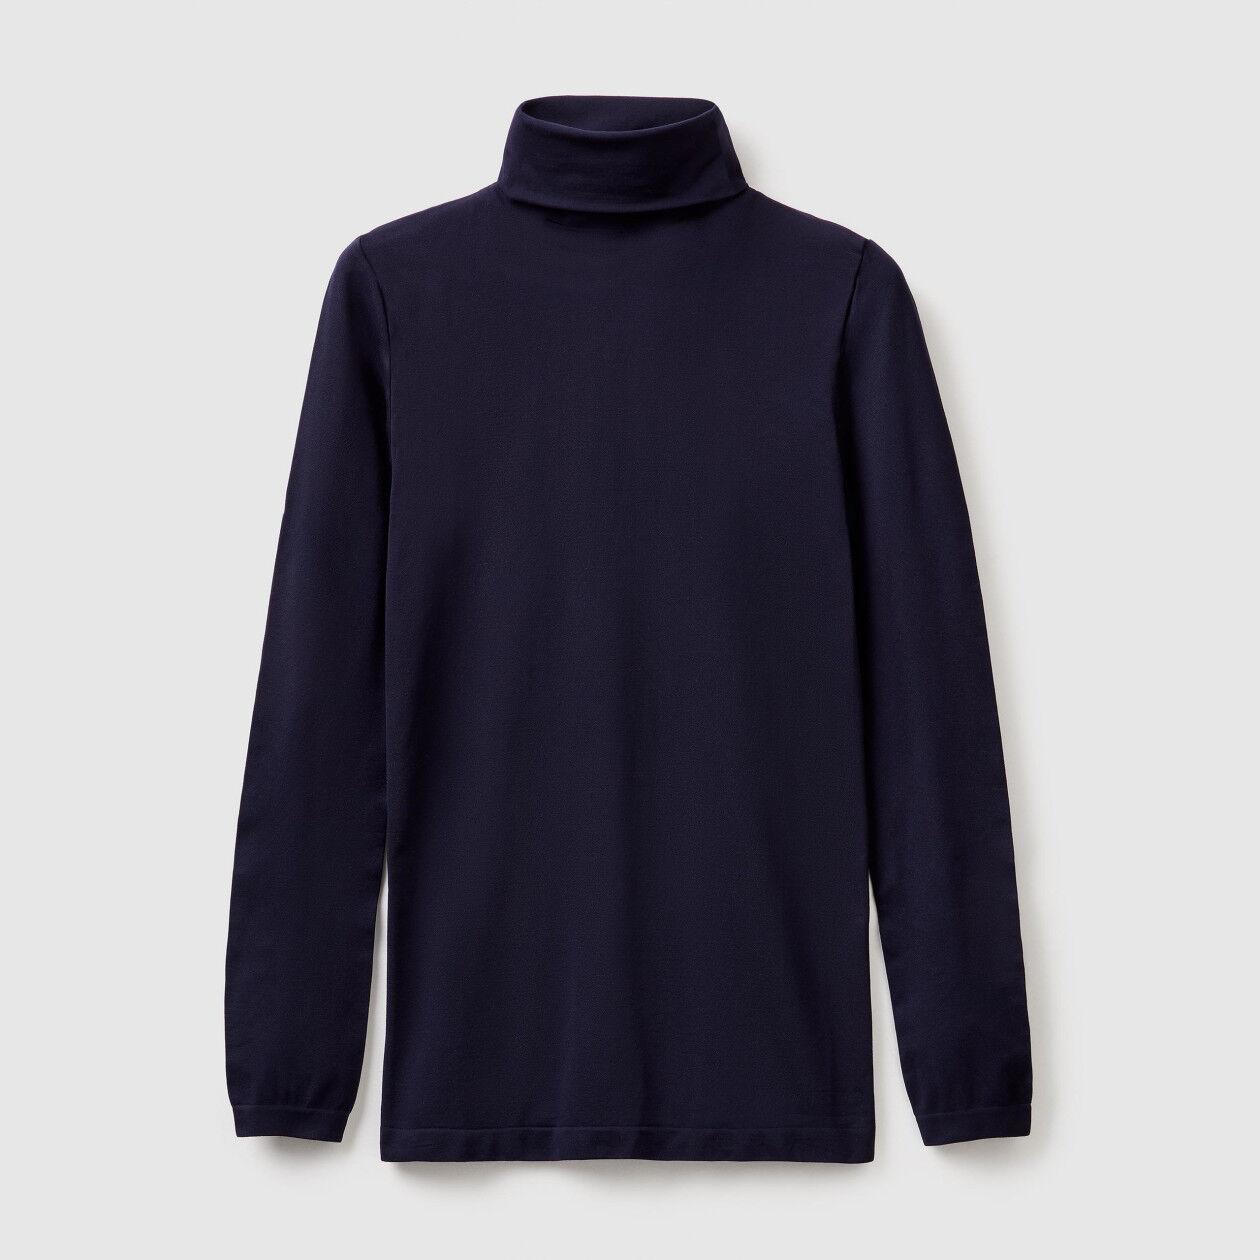 Jersey de cuello elástico